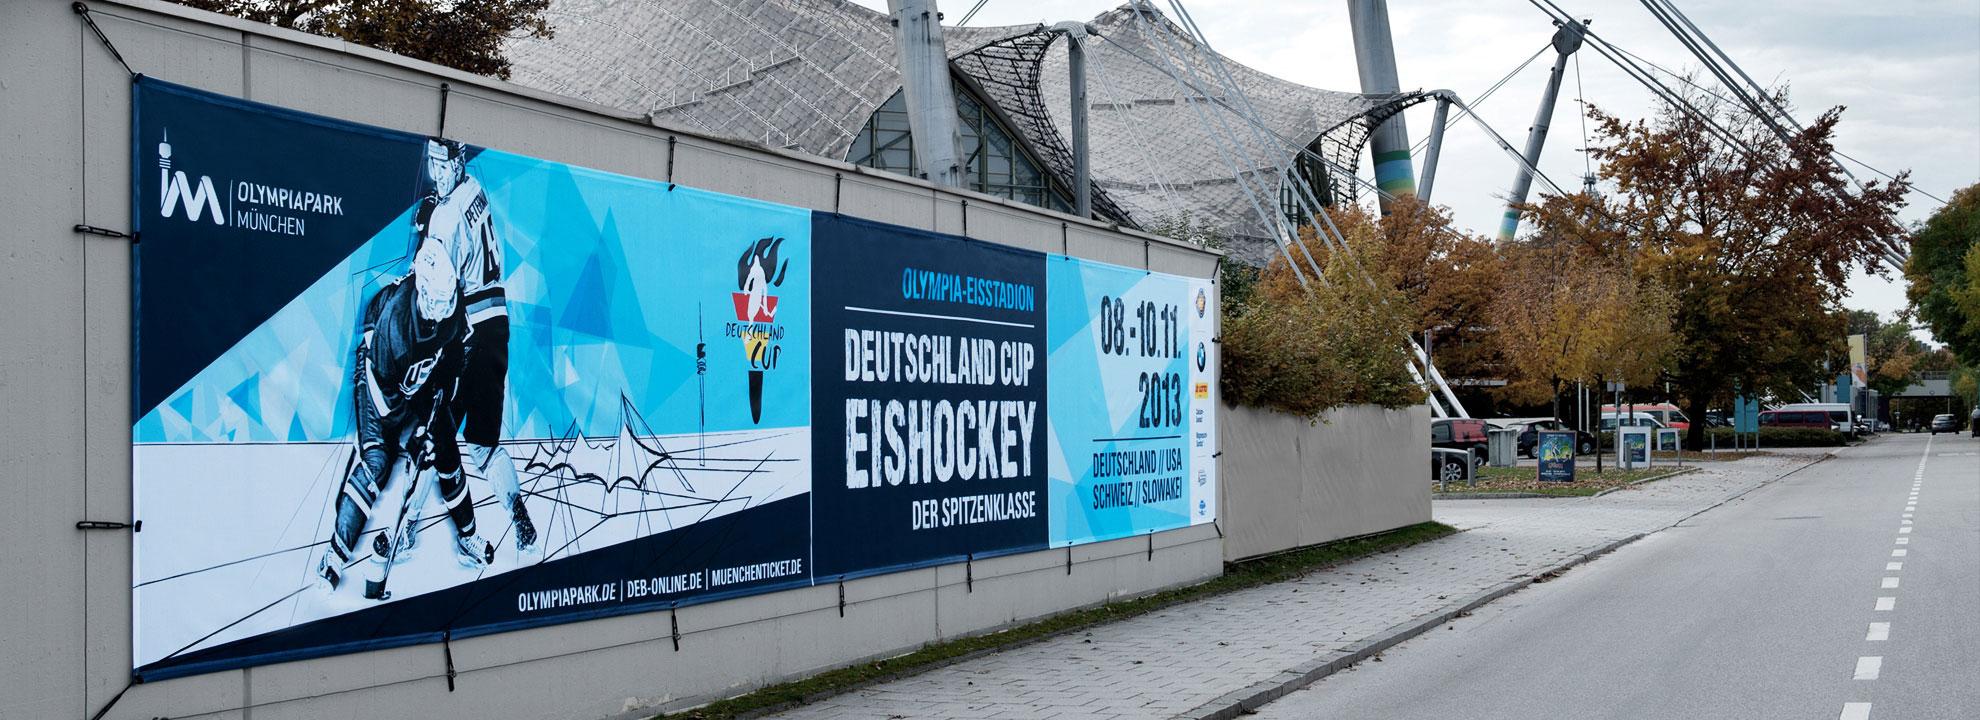 Firma Lang Digitaldruck und Werbetechnik in München